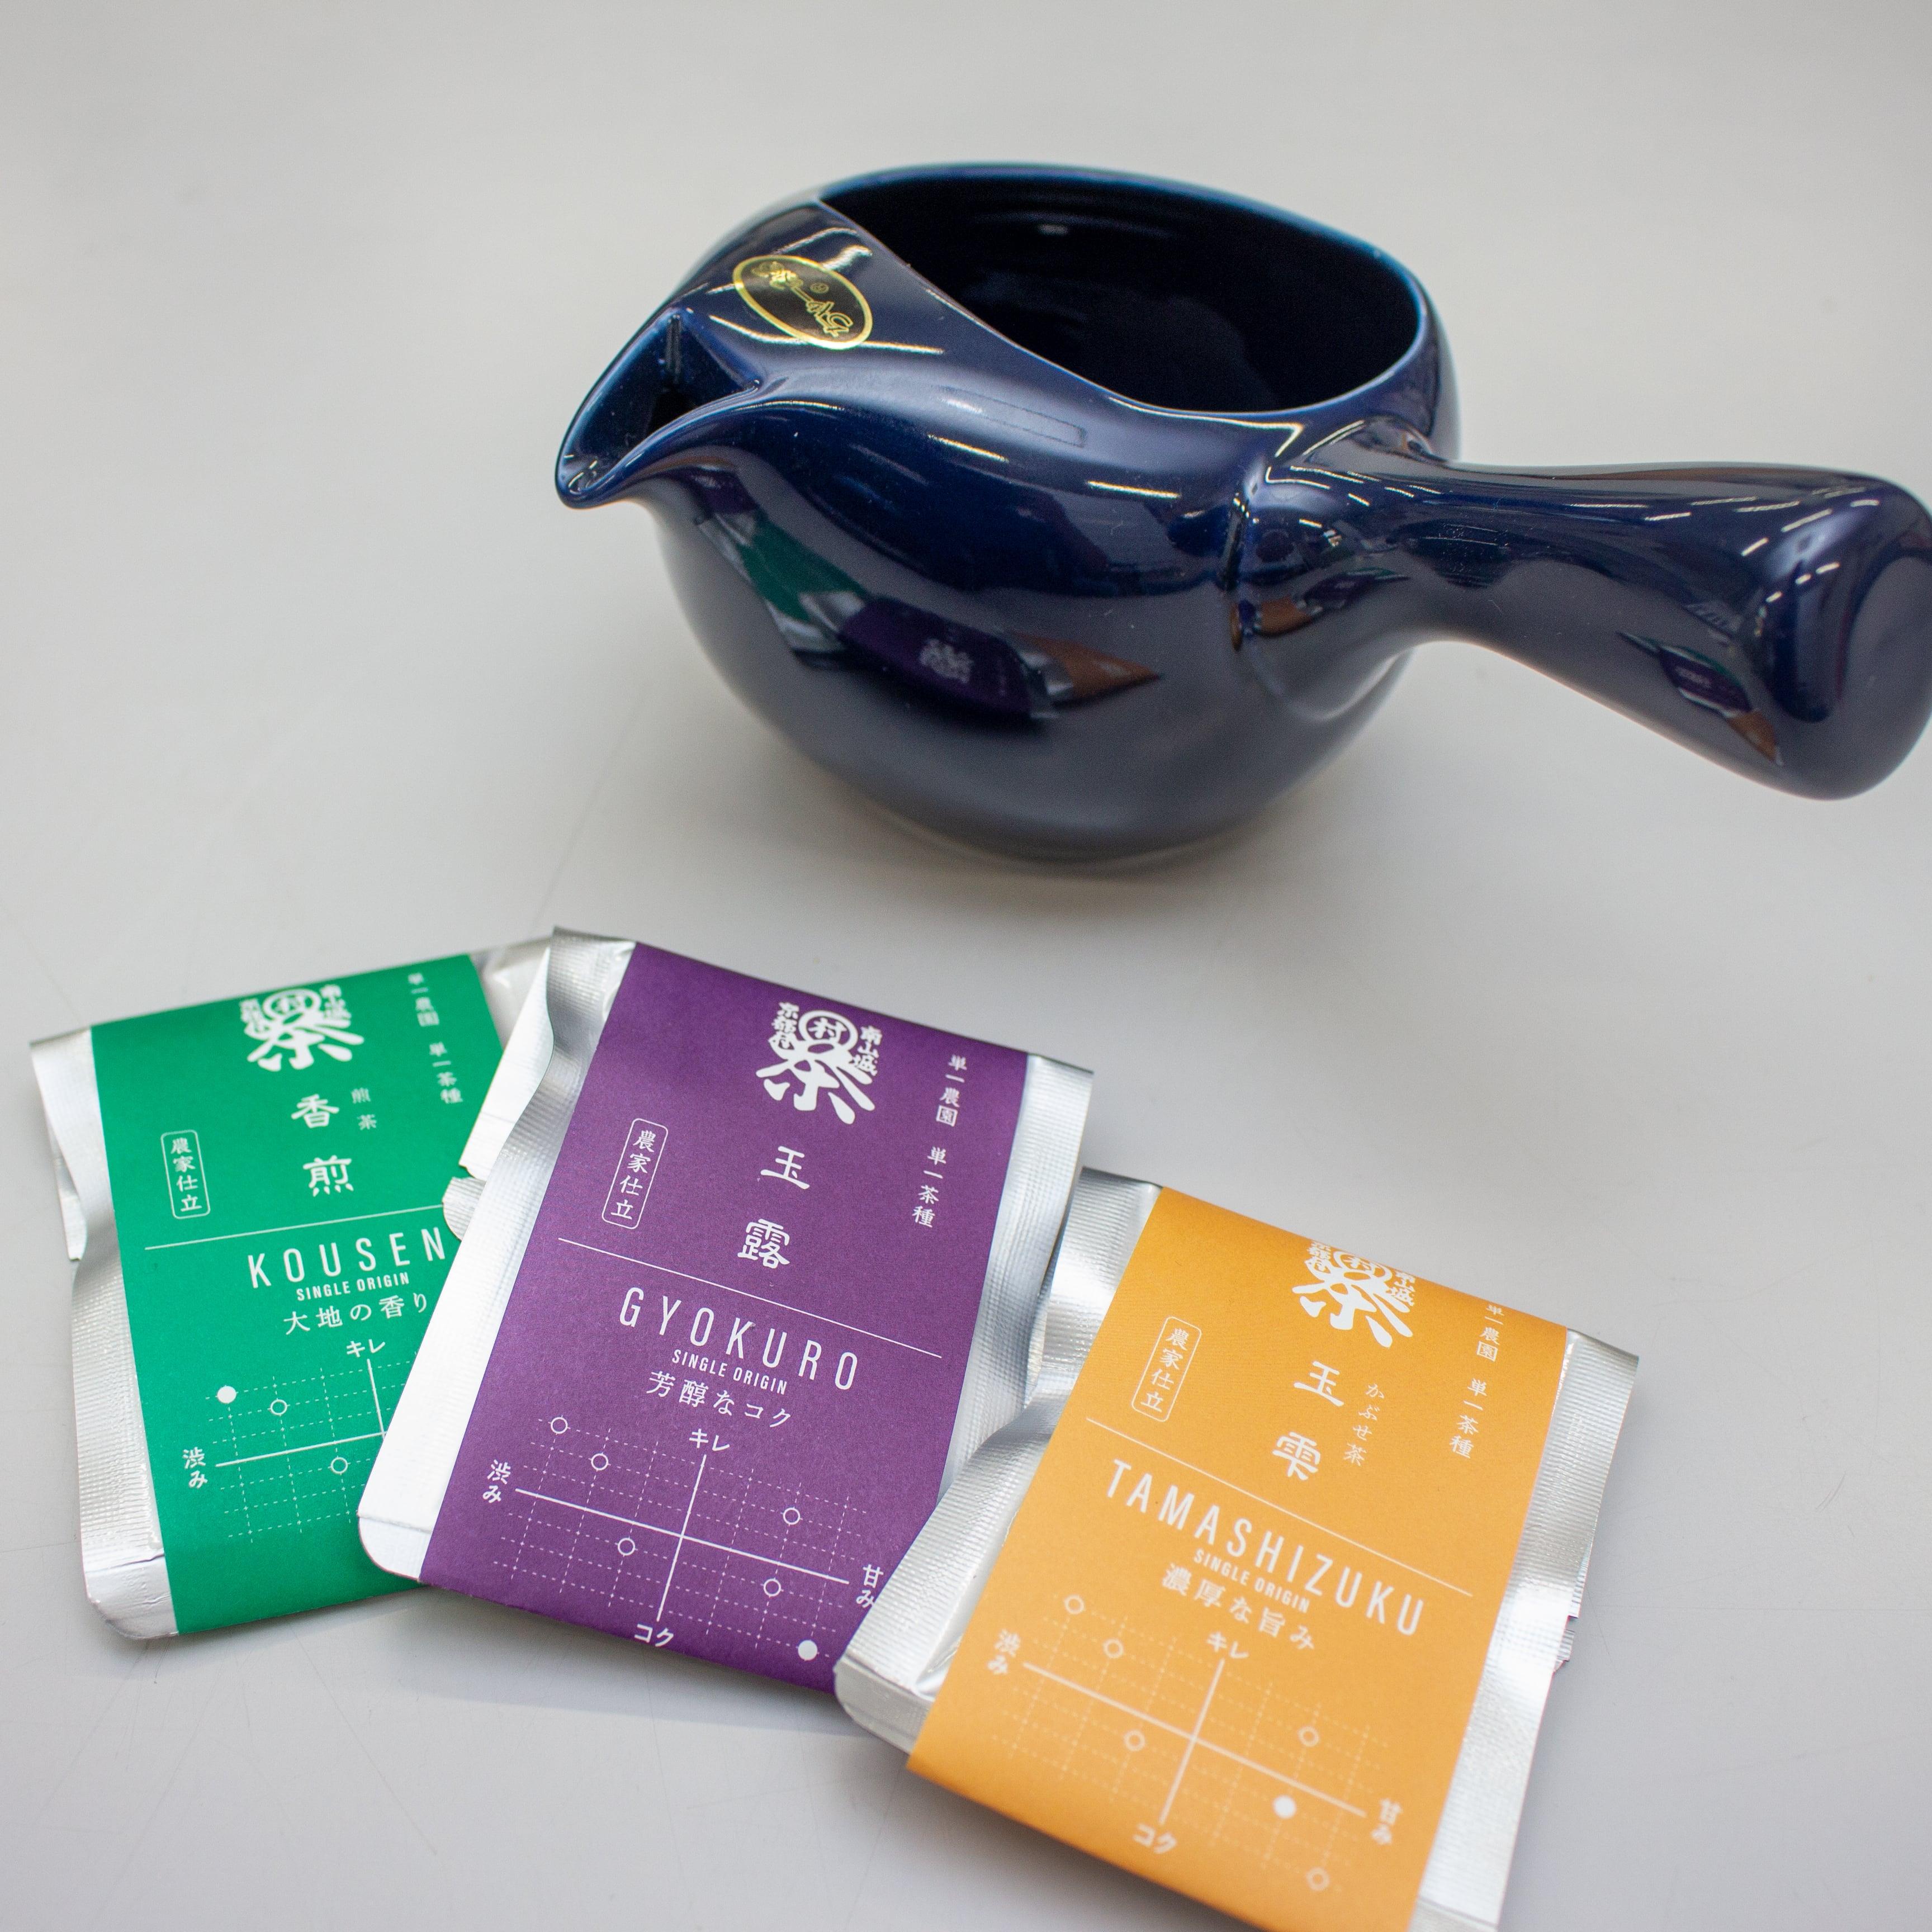 村茶スターターセット【送料無料】